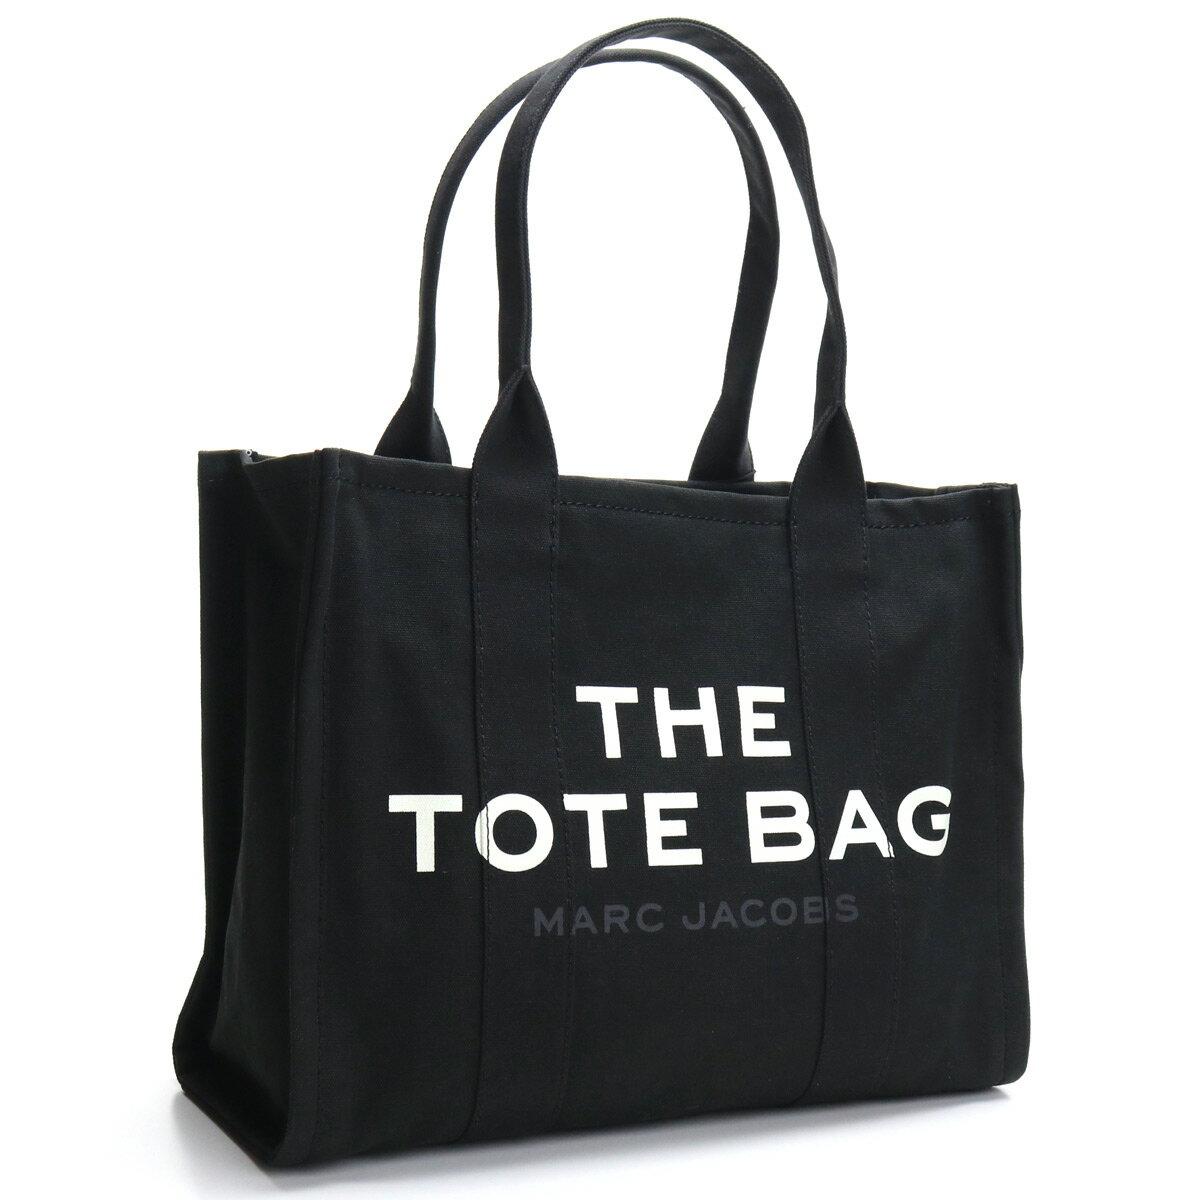 日本Yahoo代標|日本代購|日本批發-ibuy99|包包、服飾|包|女士包|手提袋|マーク ジェイコブス MARC JACOBS The Tote Bag トラベラートート トートバ…